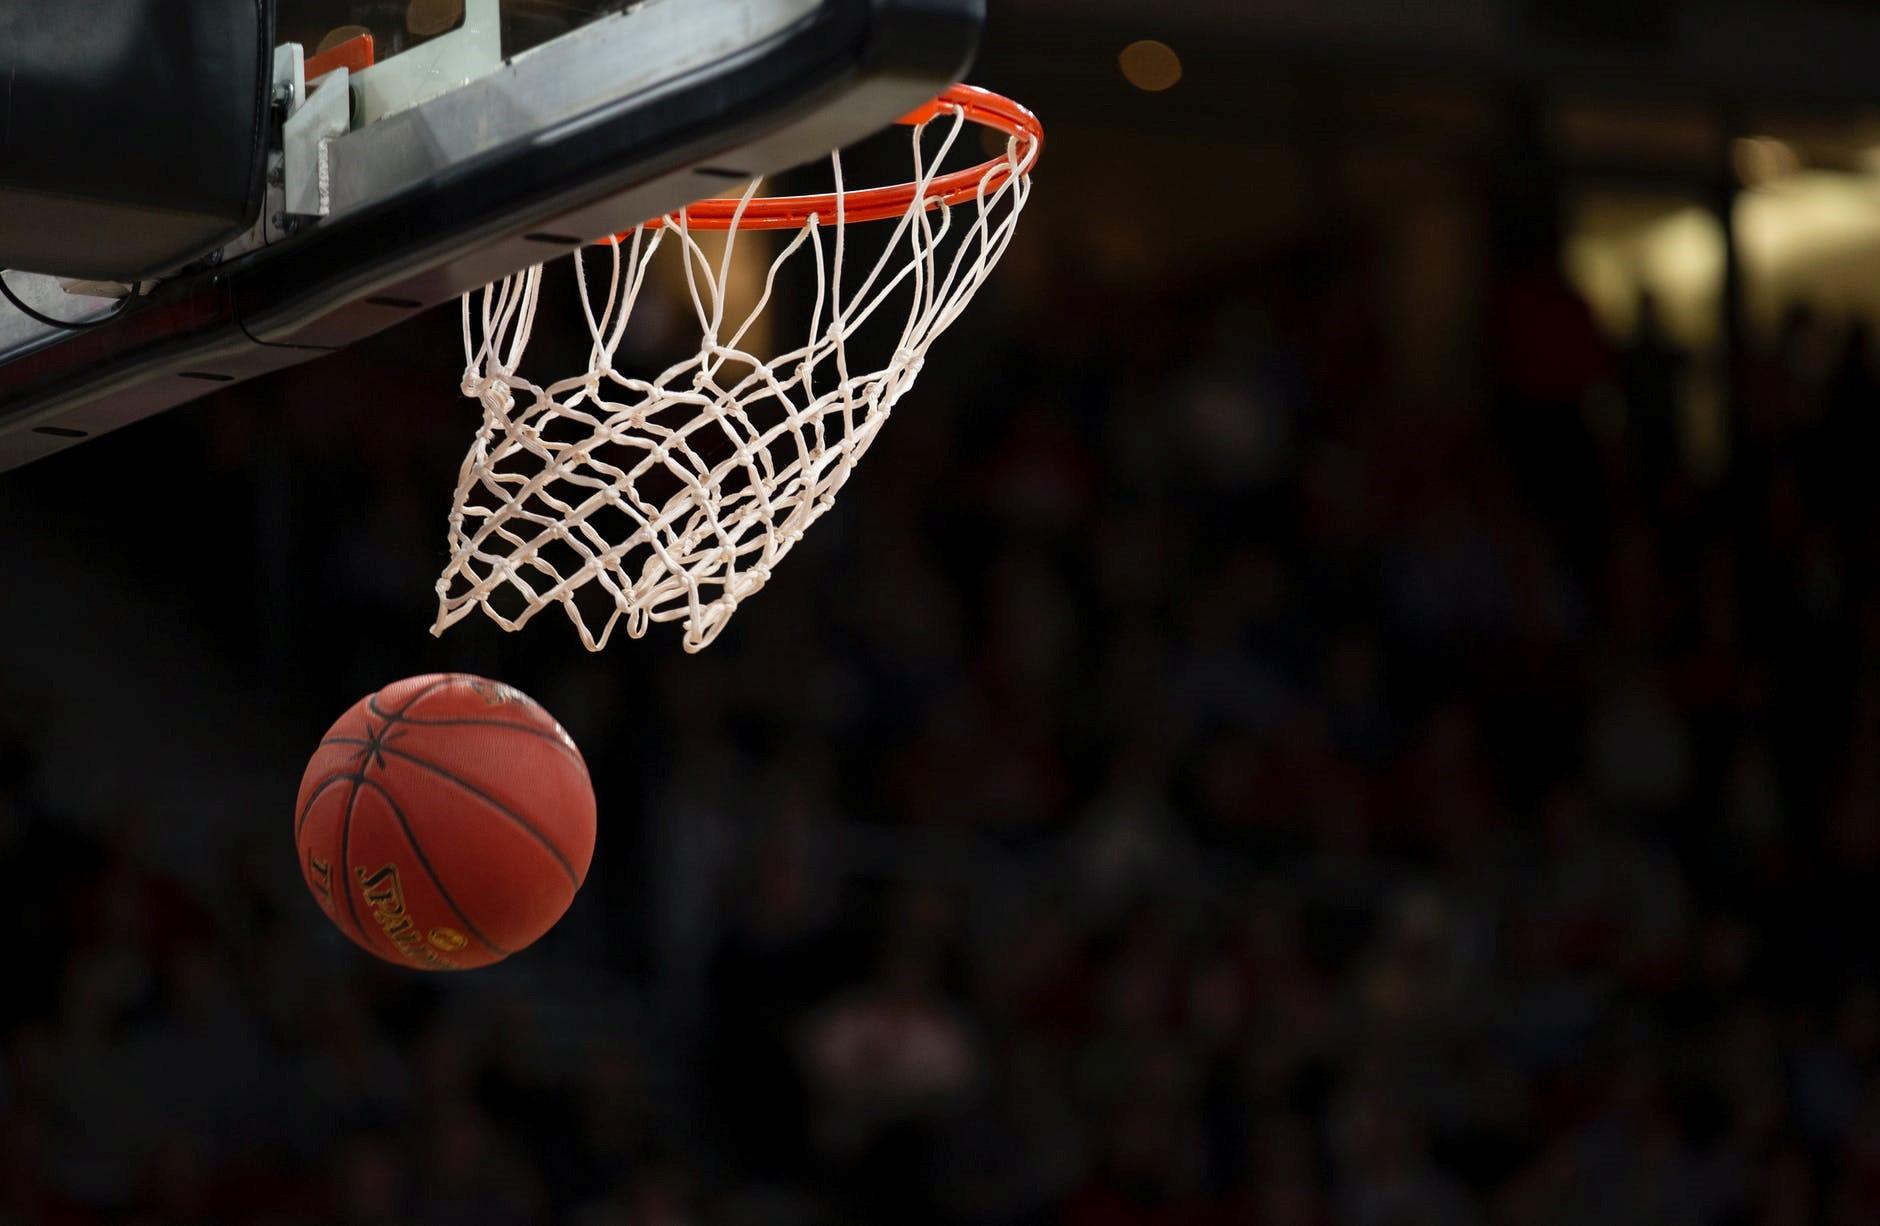 Bóng rổ luôn được biết đến là một môn thể thao giúp tăng chiều cao vượt trội.